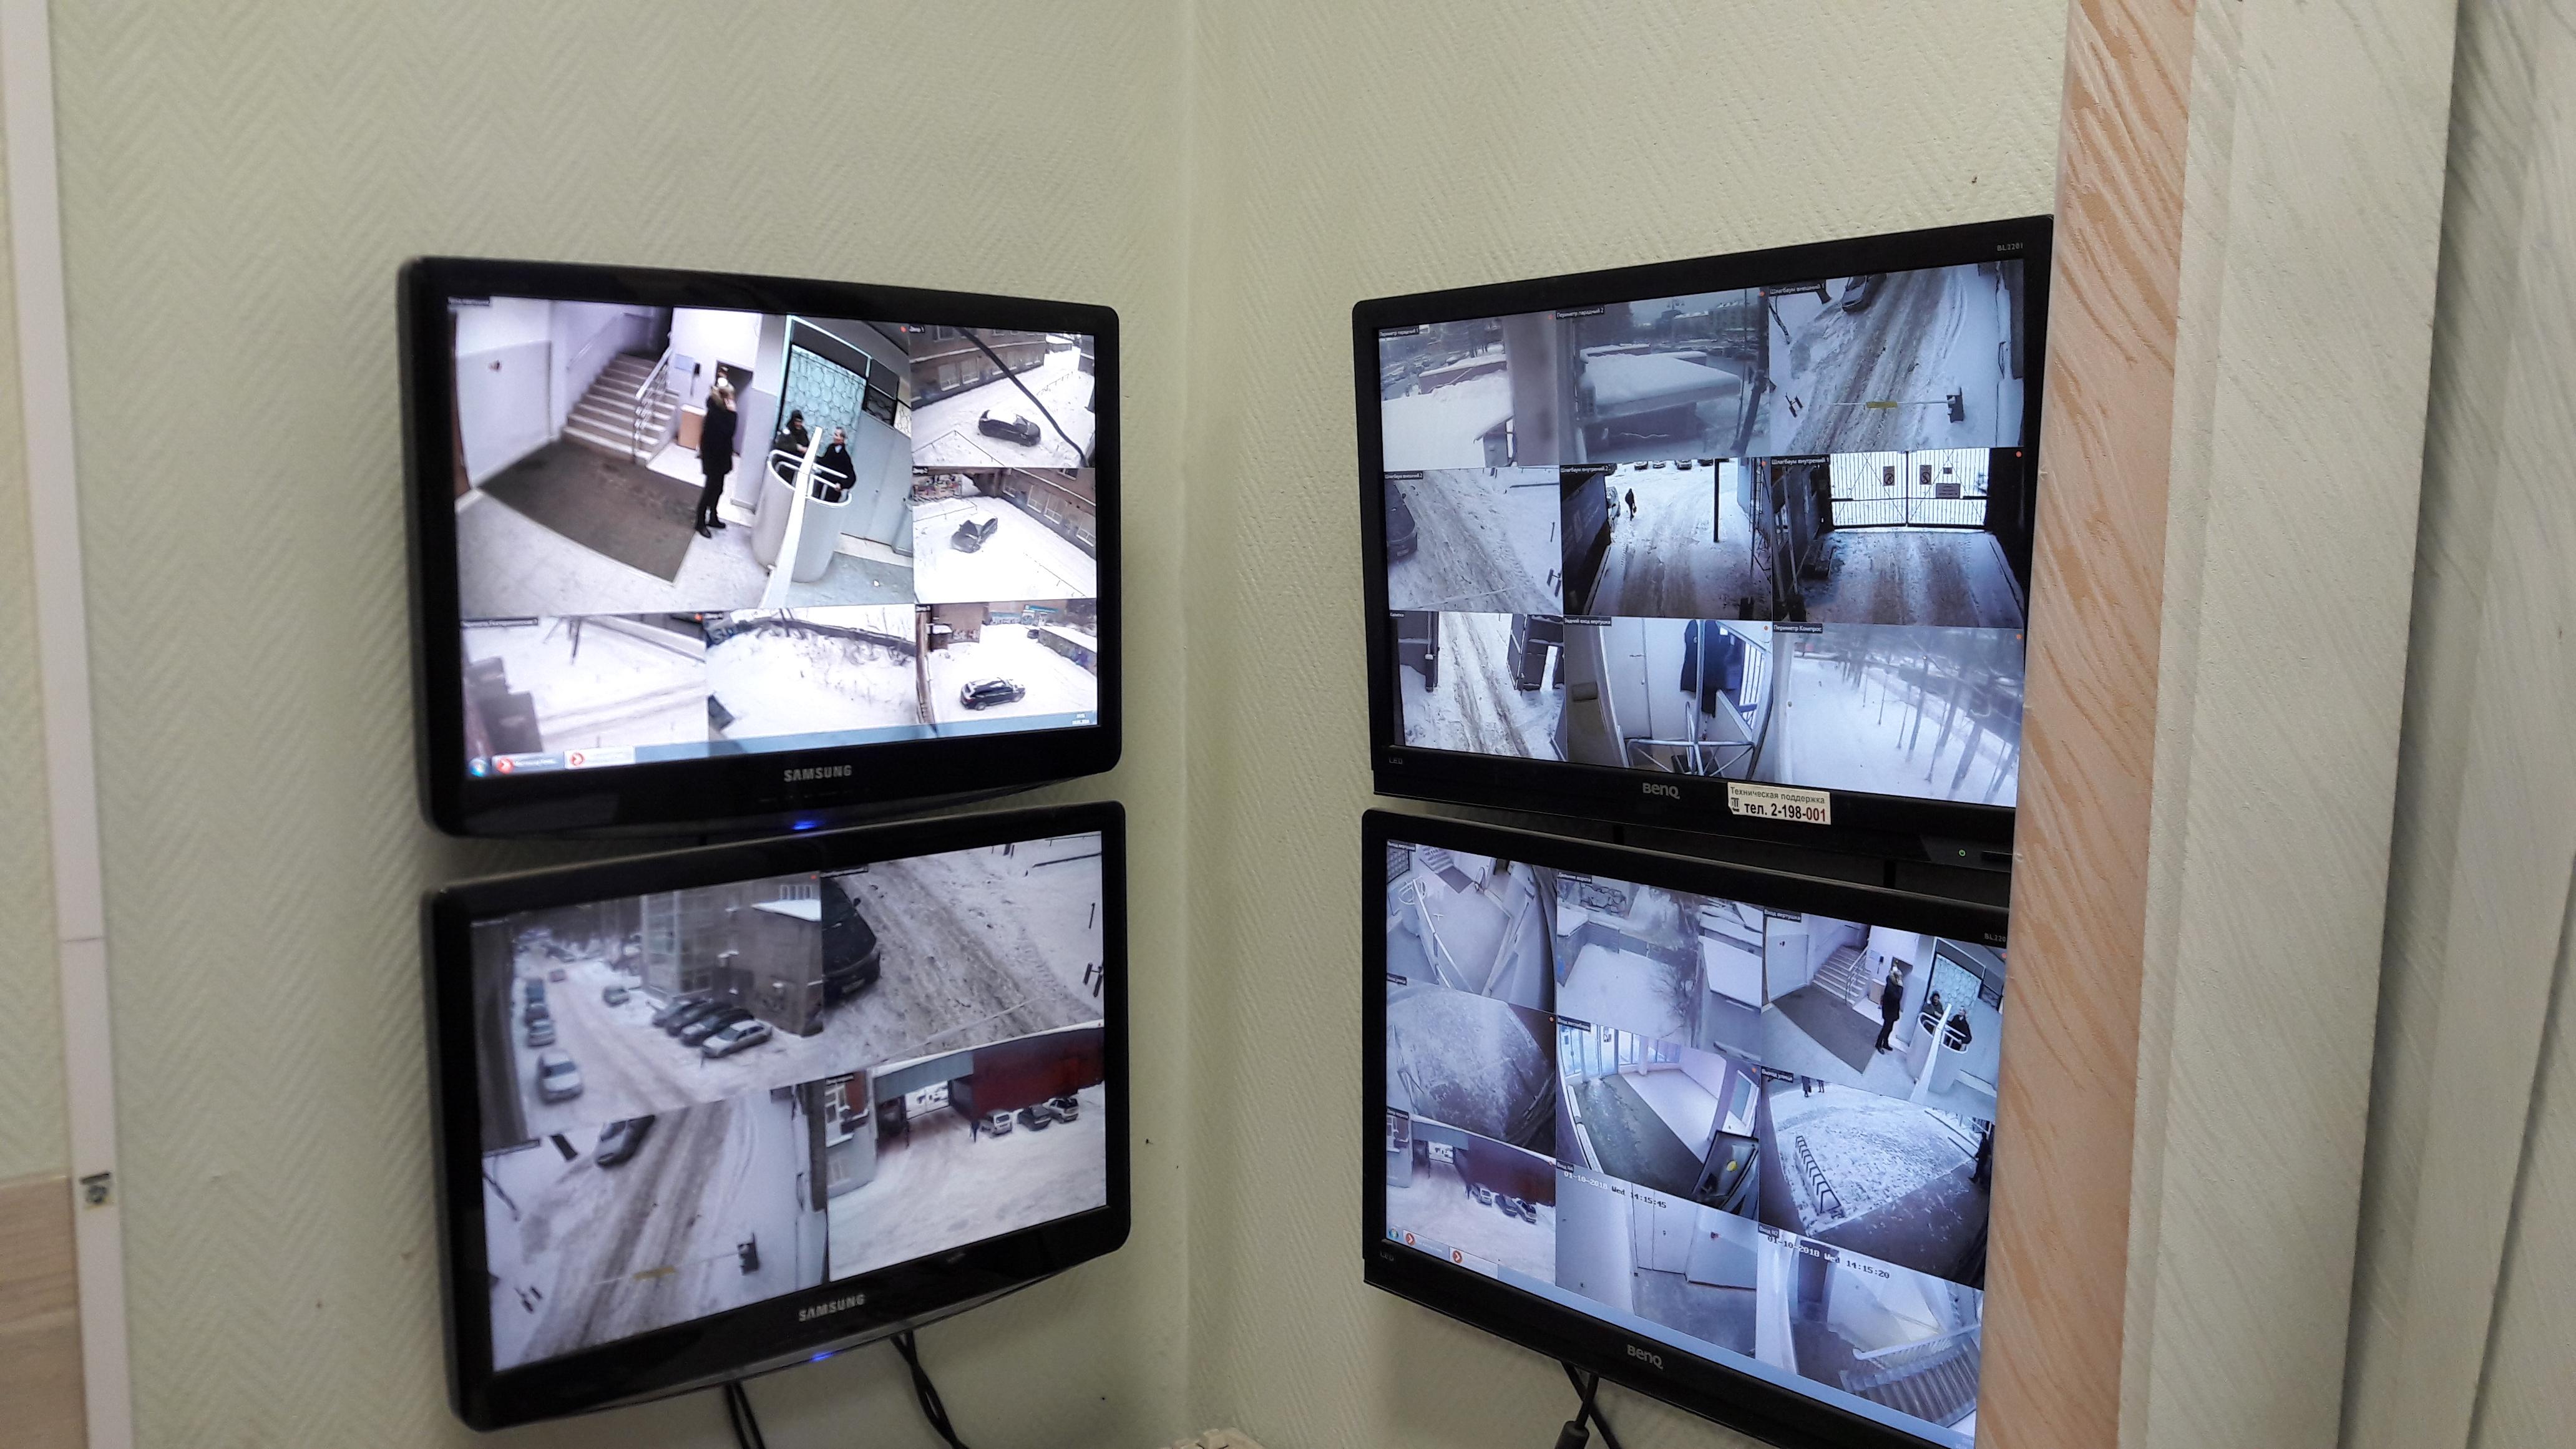 Рабочее место оператора системы видеонаблюдения